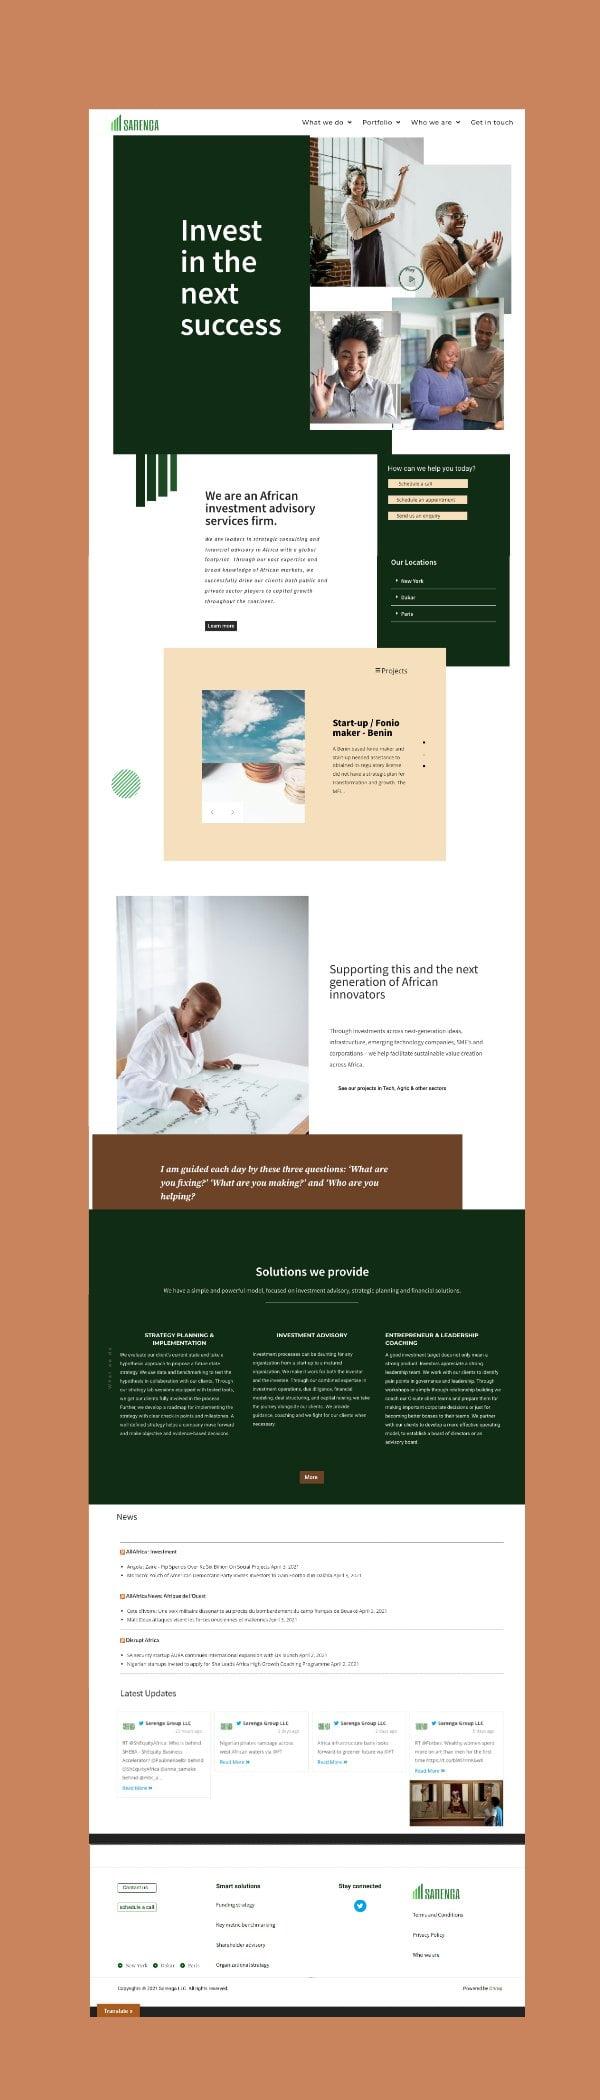 Portfolio - website design (sarenga group)